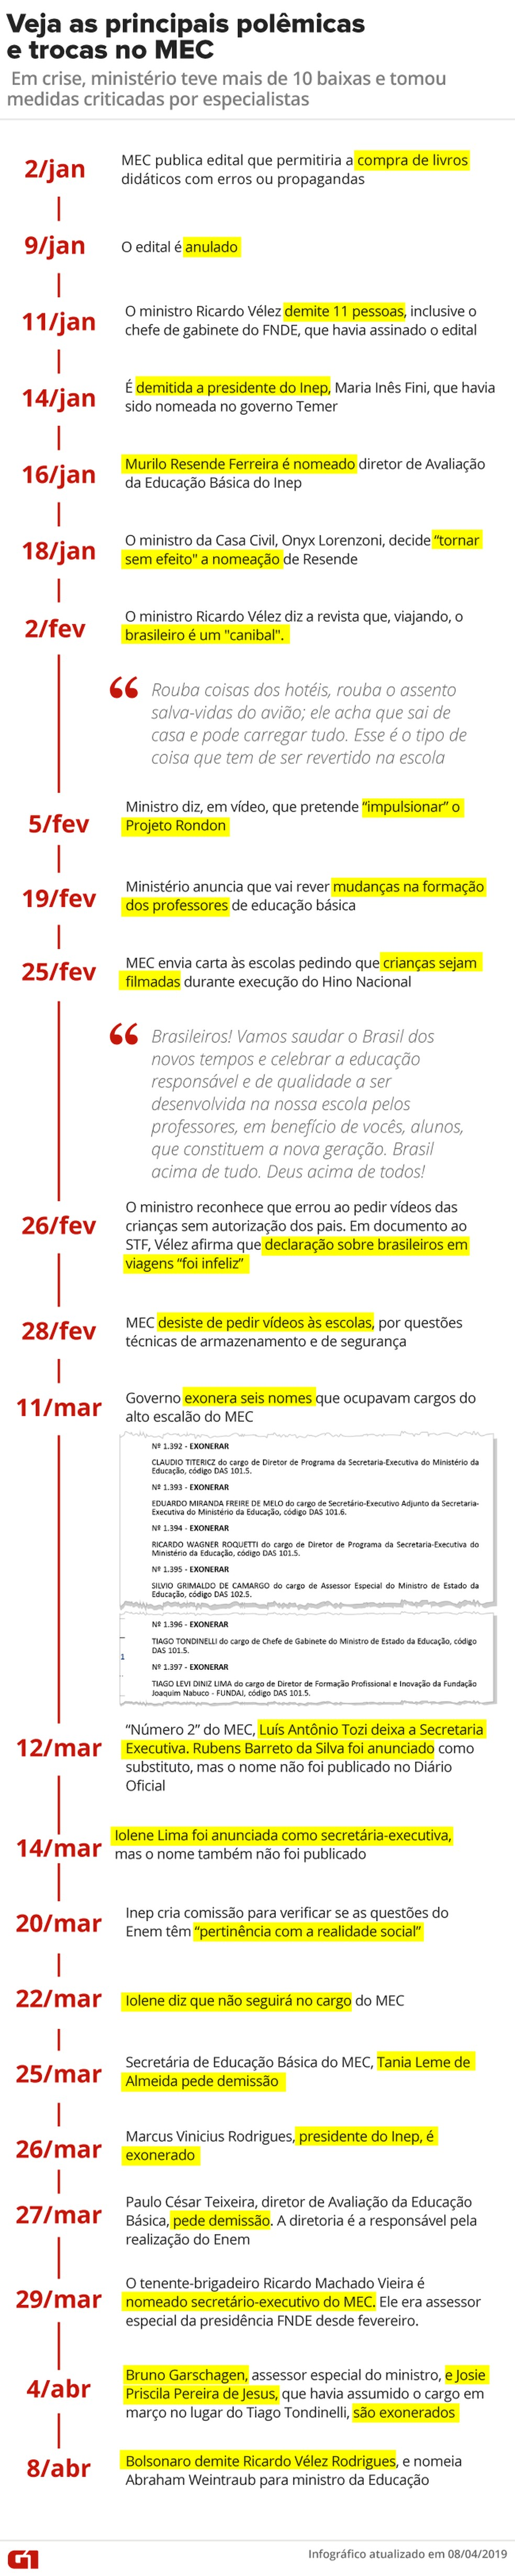 Cronologia da crise no MEC até 8 de abril — Foto: G1